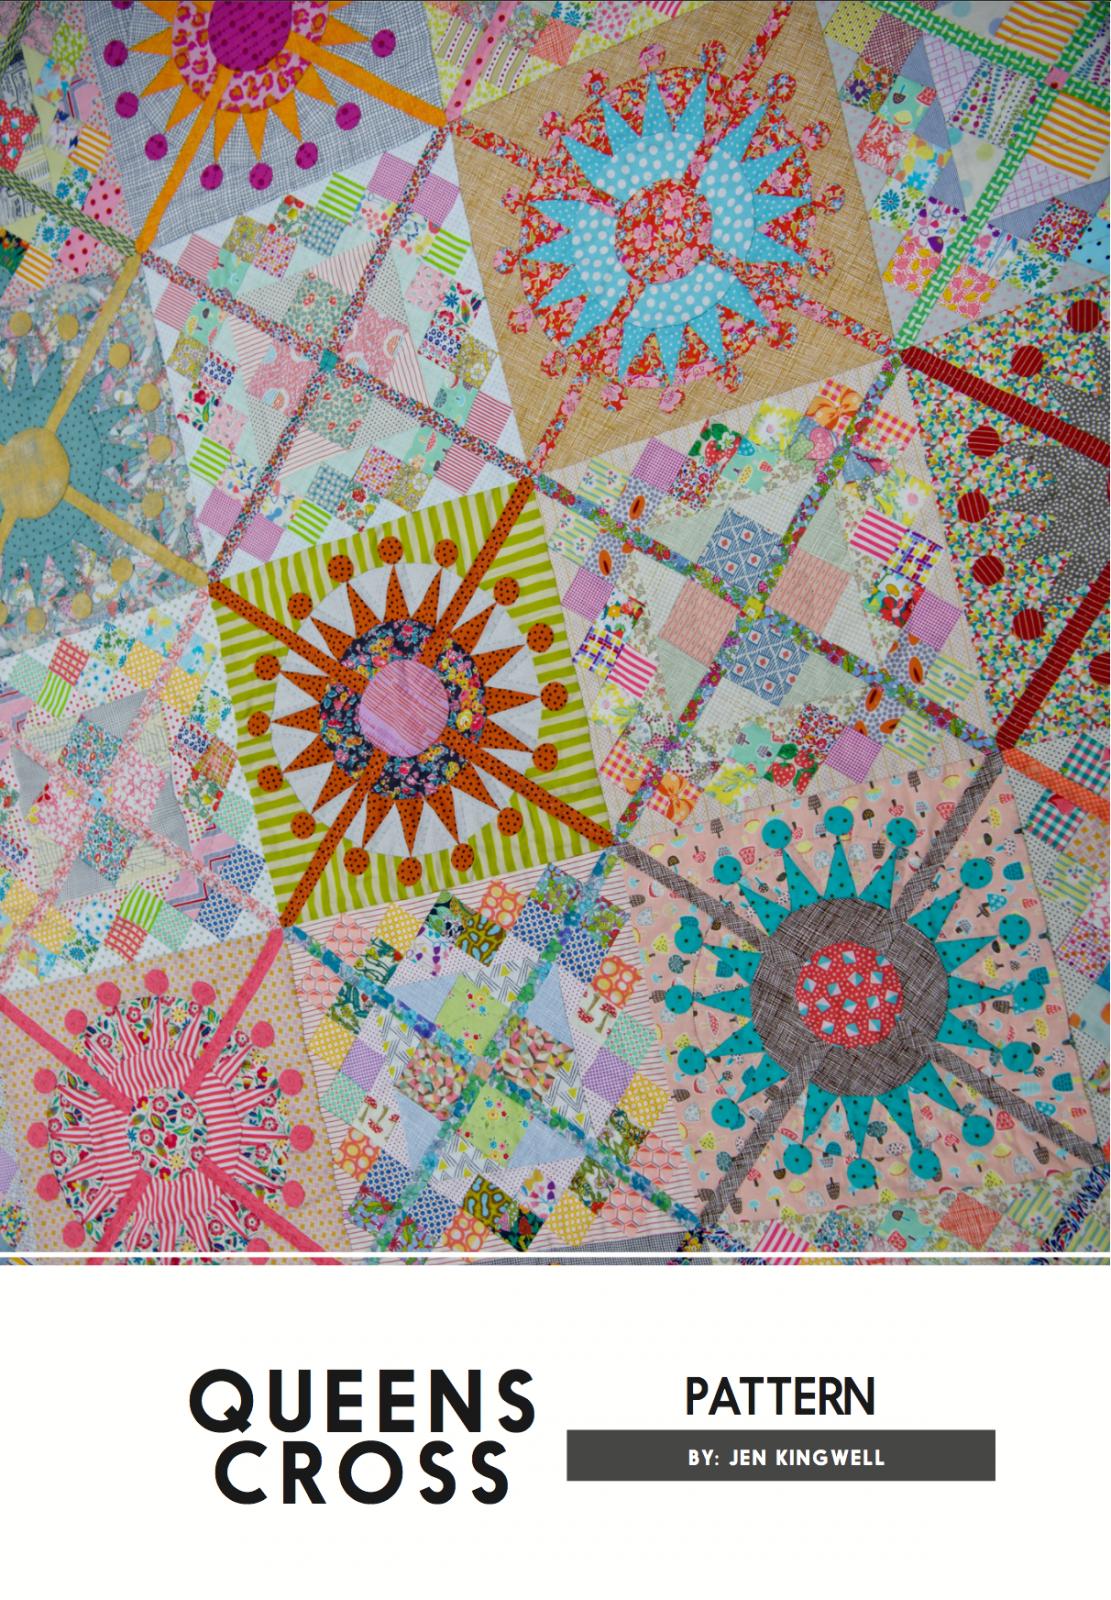 Queens Cross Pattern by Jen Kingwell